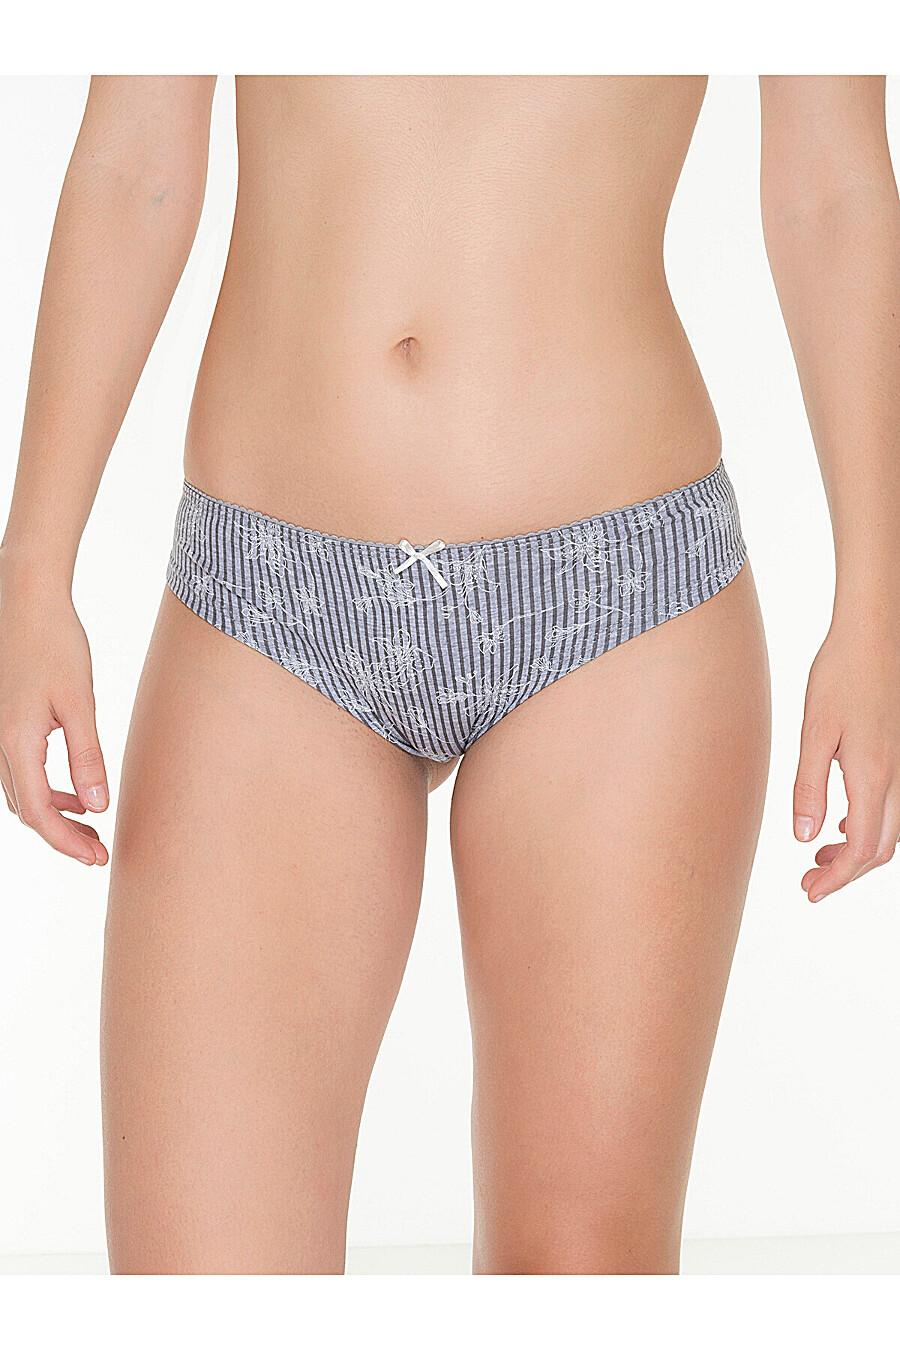 Трусы для женщин JADEA 156981 купить оптом от производителя. Совместная покупка женской одежды в OptMoyo